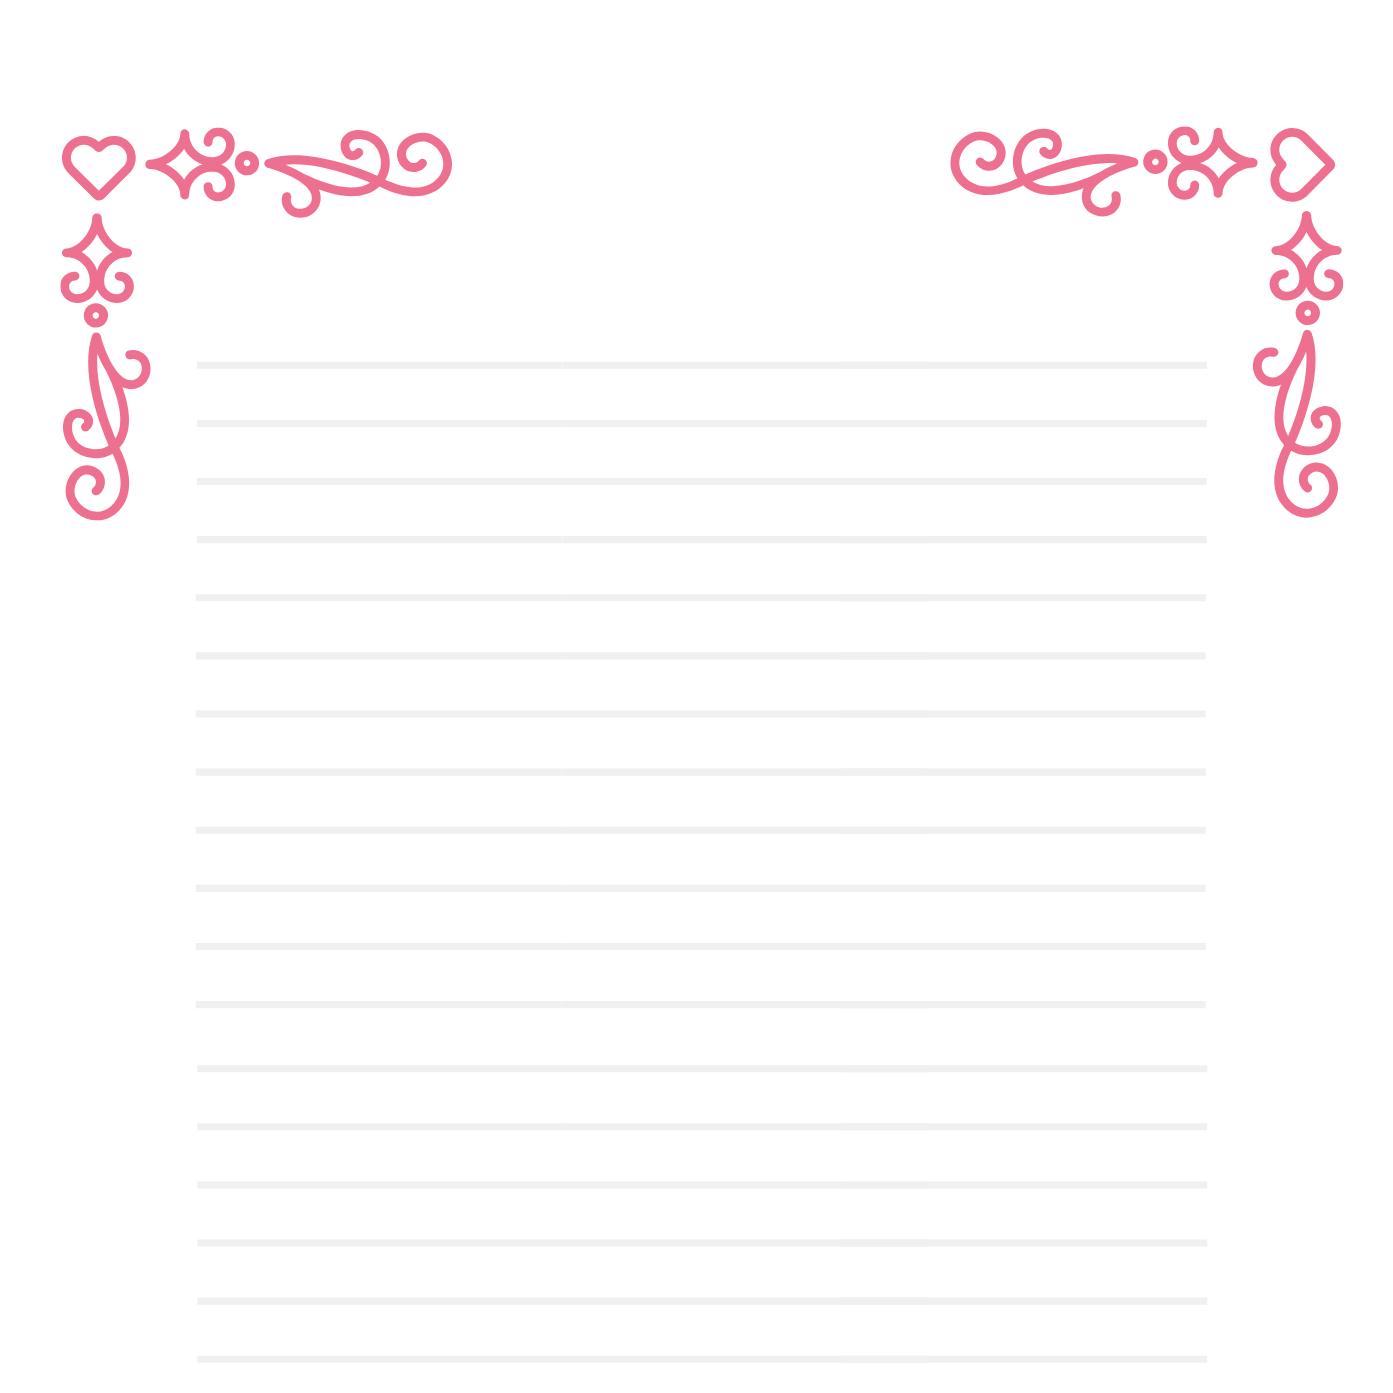 Papier À Lettre Dessin À Imprimer - Papier A Lettre - Tête À intérieur Papier À Lettre Gratuit À Imprimer